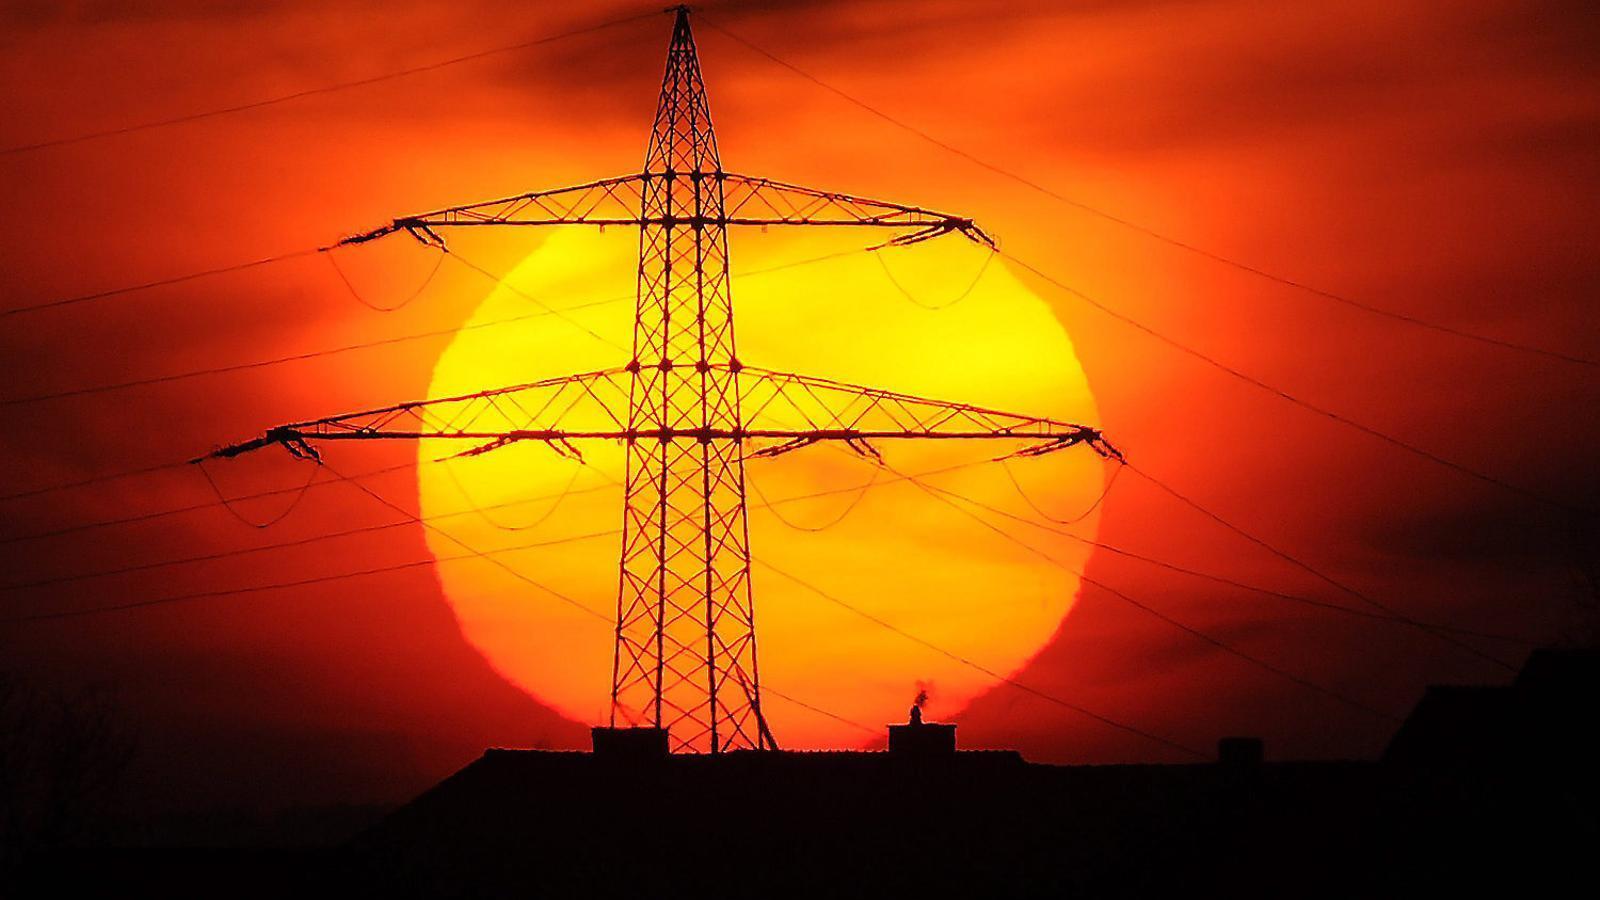 Les empreses d'energia ja havien de fer grans inversions per complir els exigents objectius de sostenibilitat i ara han trobat una oportunitat en els fons anticovid.